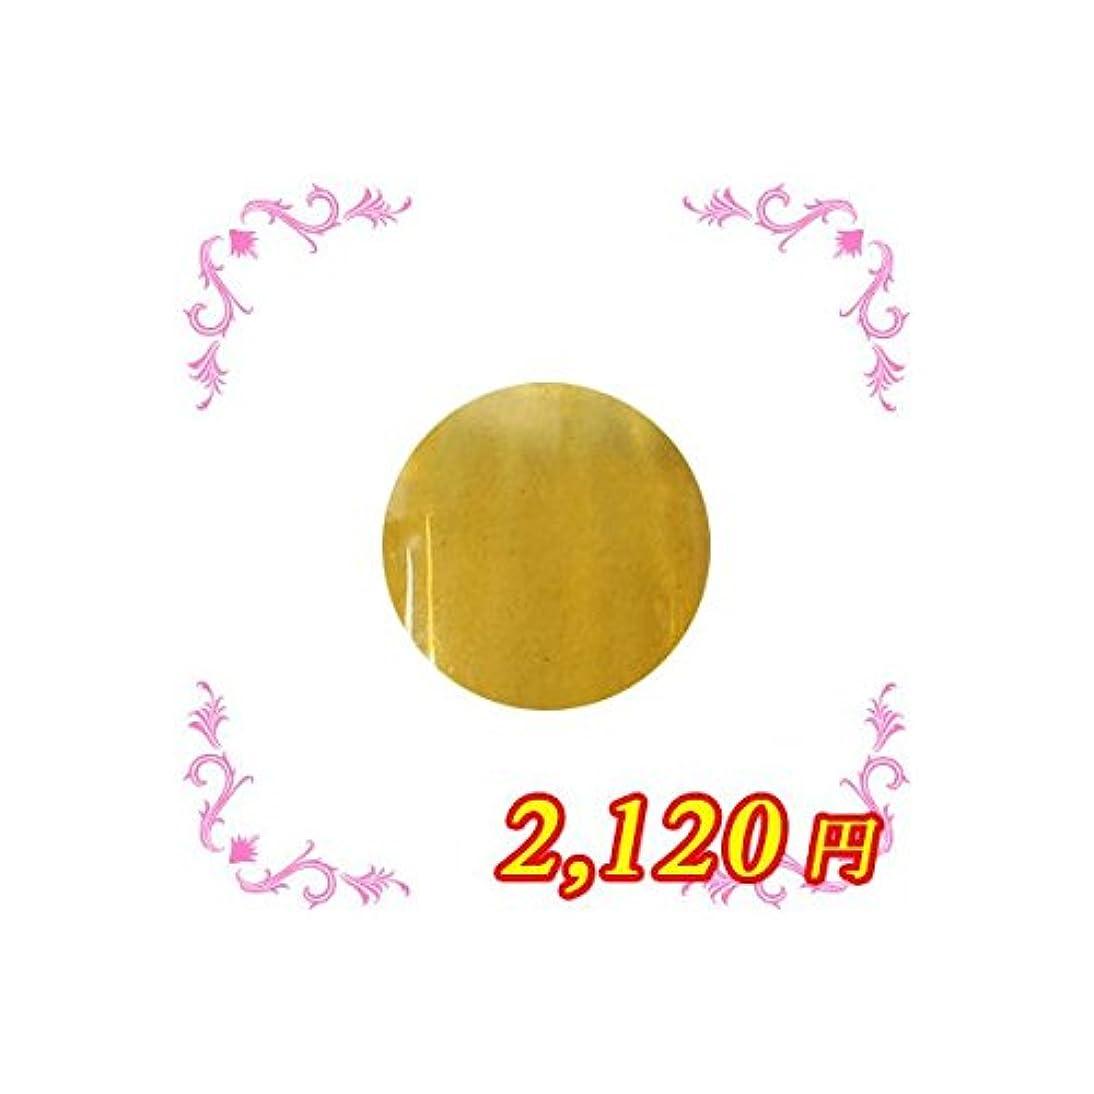 ウィンク用心深い食堂VETRO ベトロ NO.19 カラージェル 4ml VL260ジュエルトパース゛